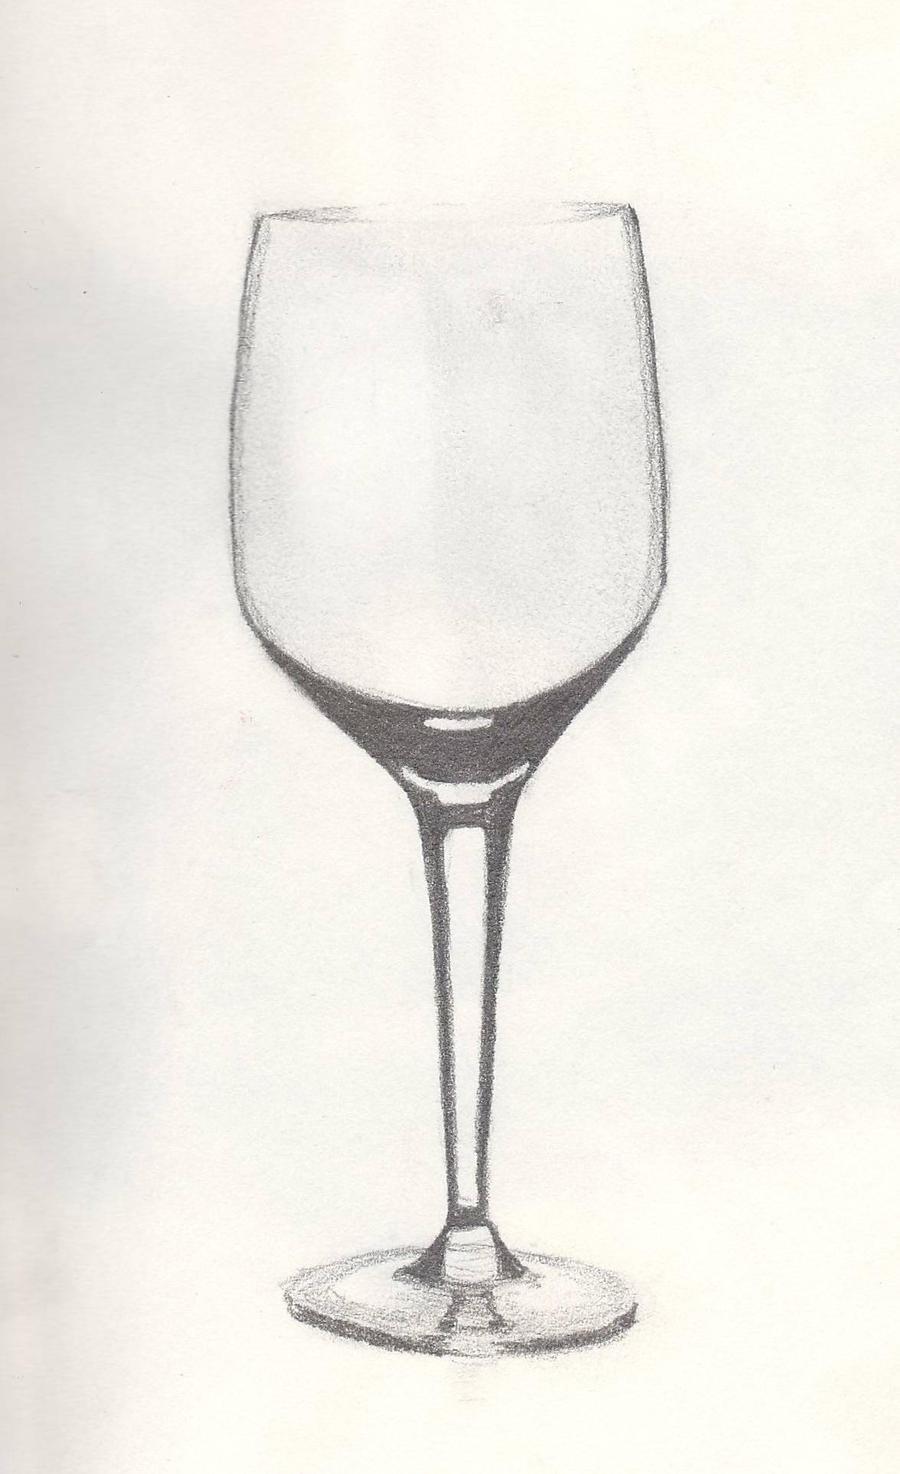 glass drawing by fabien804 on DeviantArt